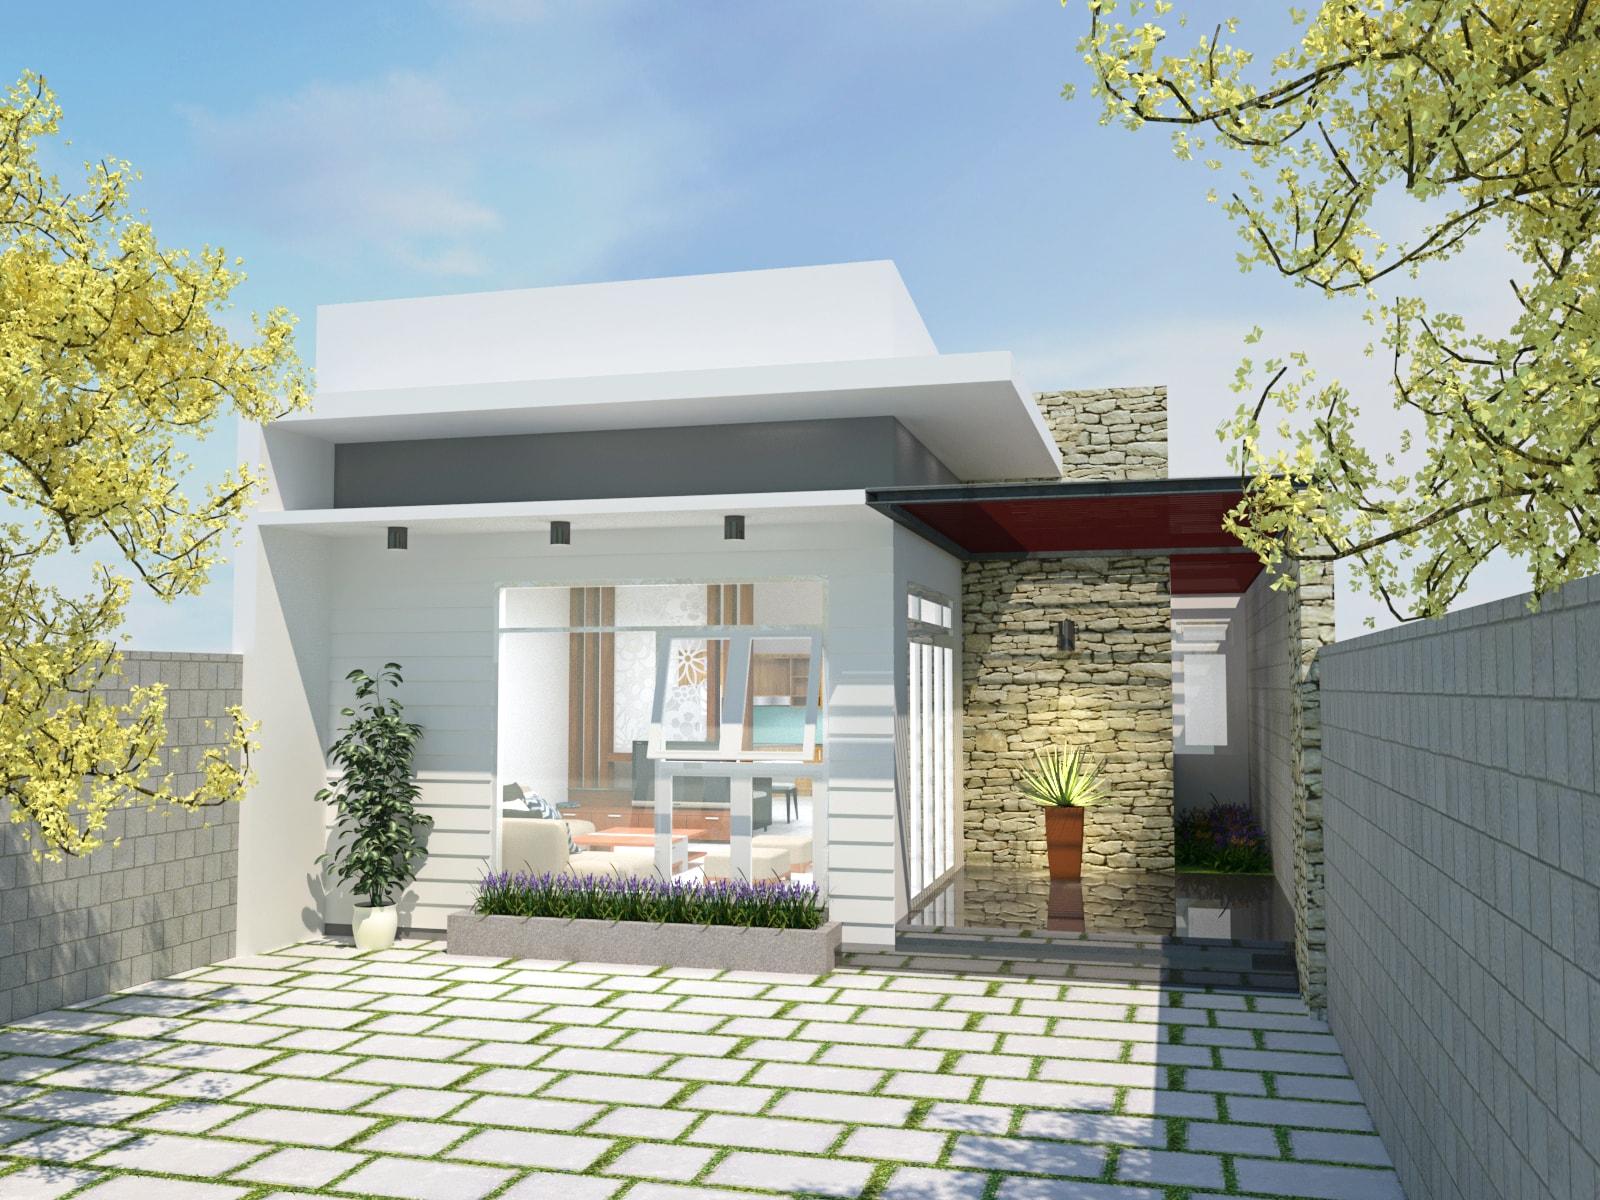 Gia chủ hãy thiết không gian sống với sự kết hợp hài hòa cảnh quan thiên nhiên và sân vườn xung quanh